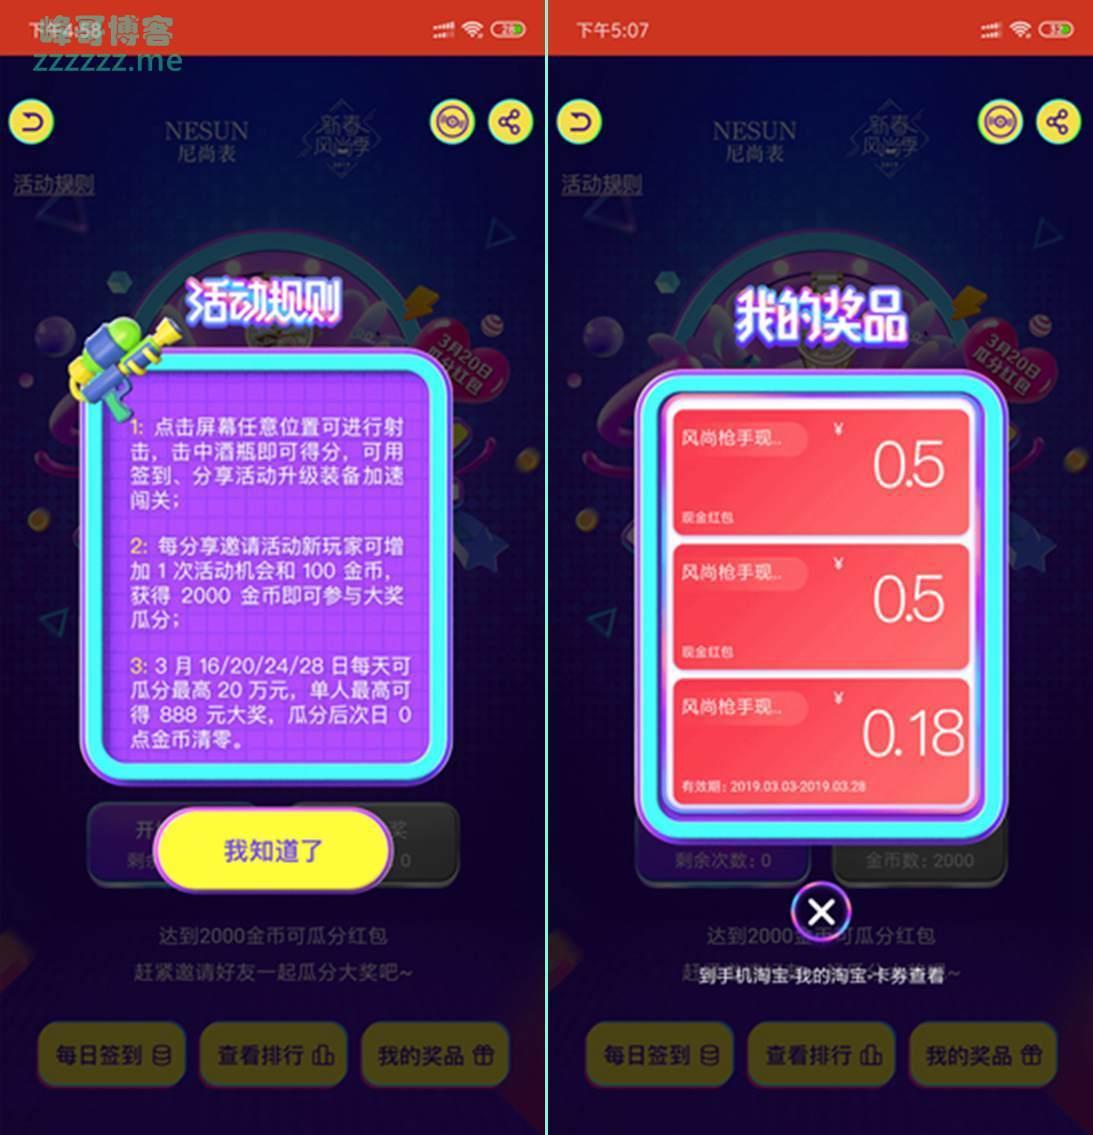 手机淘宝风尚枪手活动 玩游戏抽红包300金币参与瓜分20万红包!